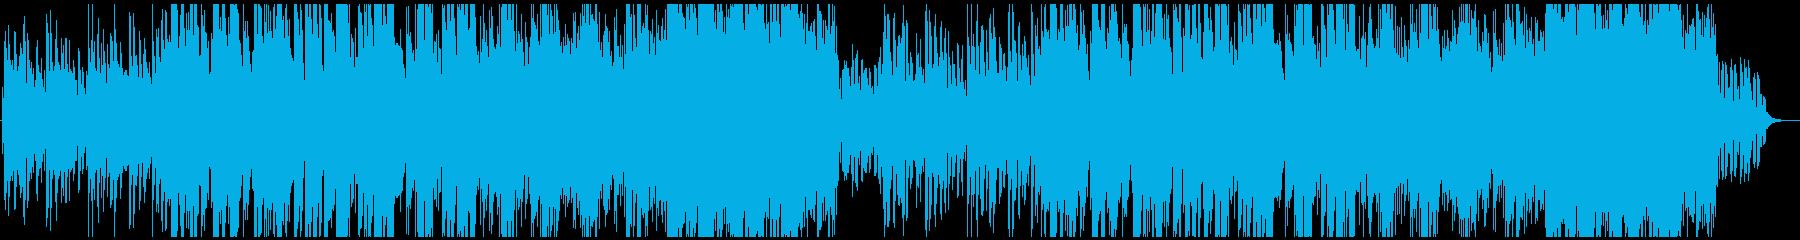 ピアノとアコギの透明感でナチュラルVPの再生済みの波形